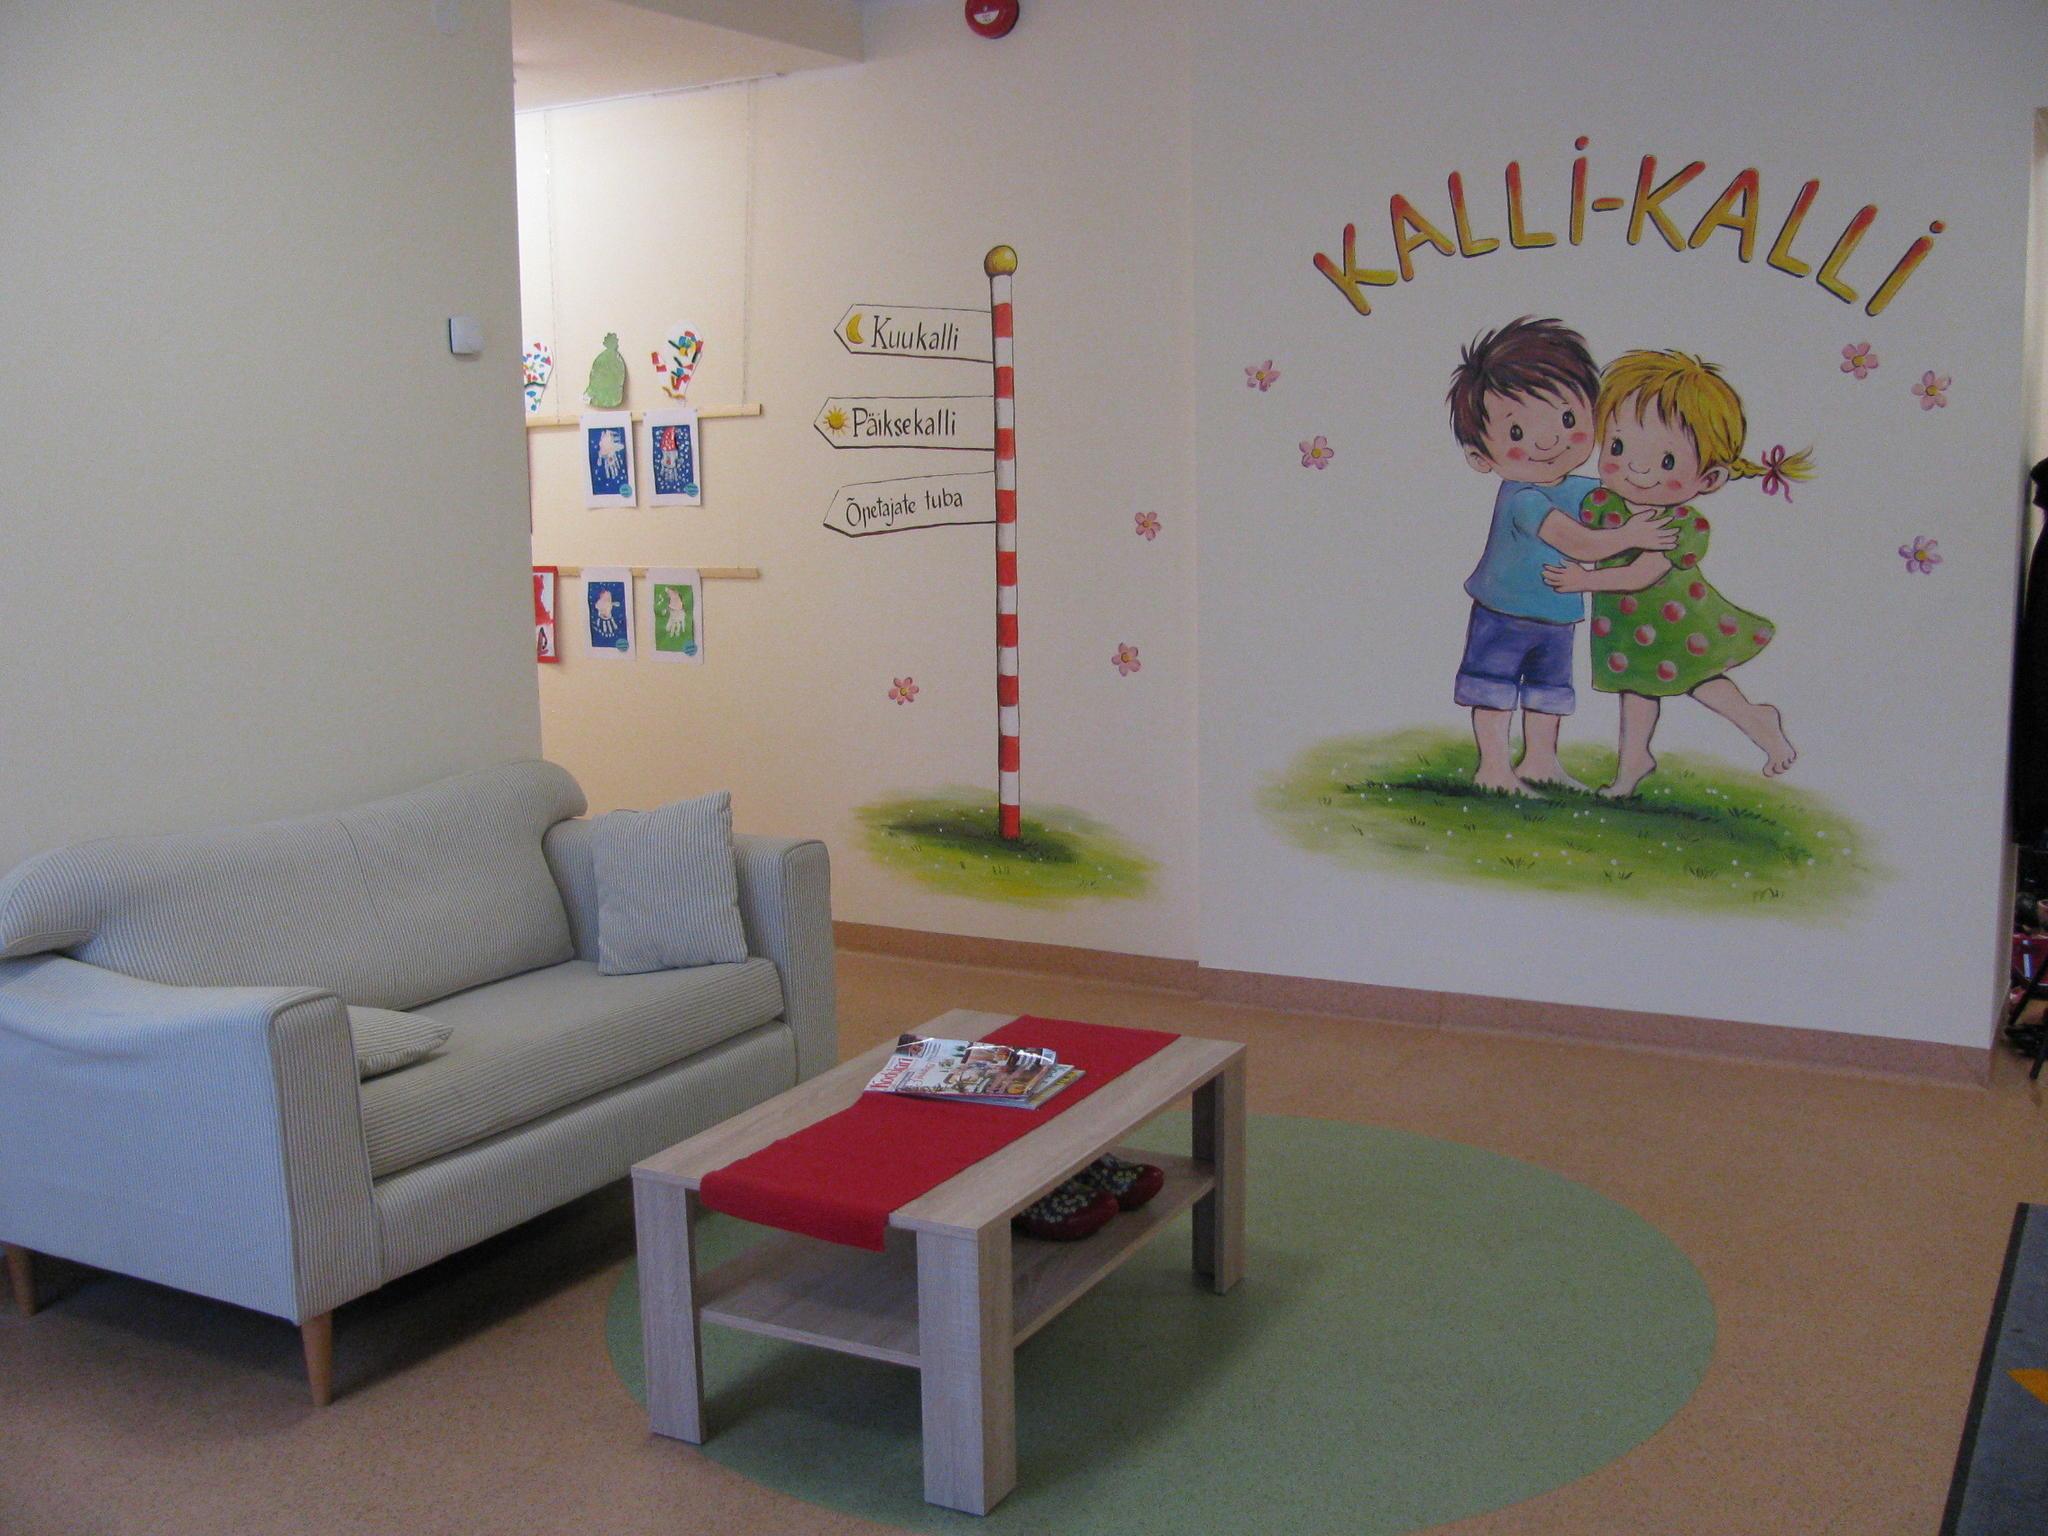 e5e37445e33 Galerii — KALLI-KALLI lasteaed